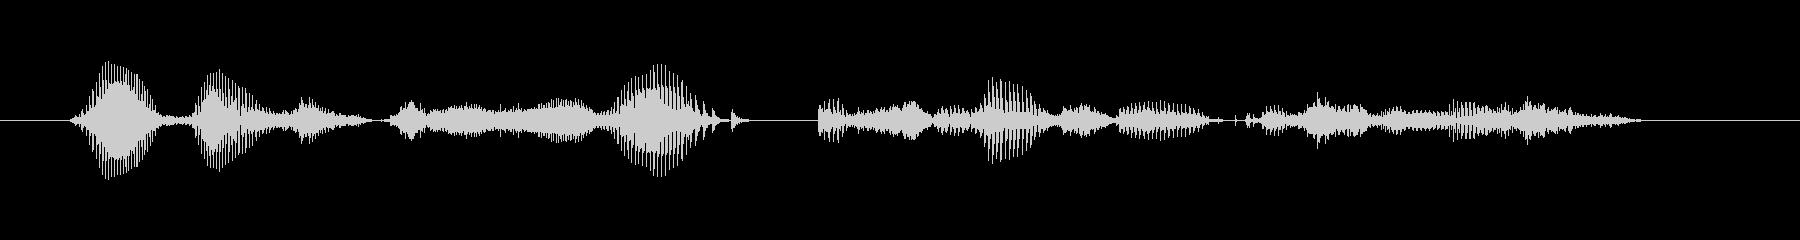 【時報・時間】午後7時を、お知らせいた…の未再生の波形